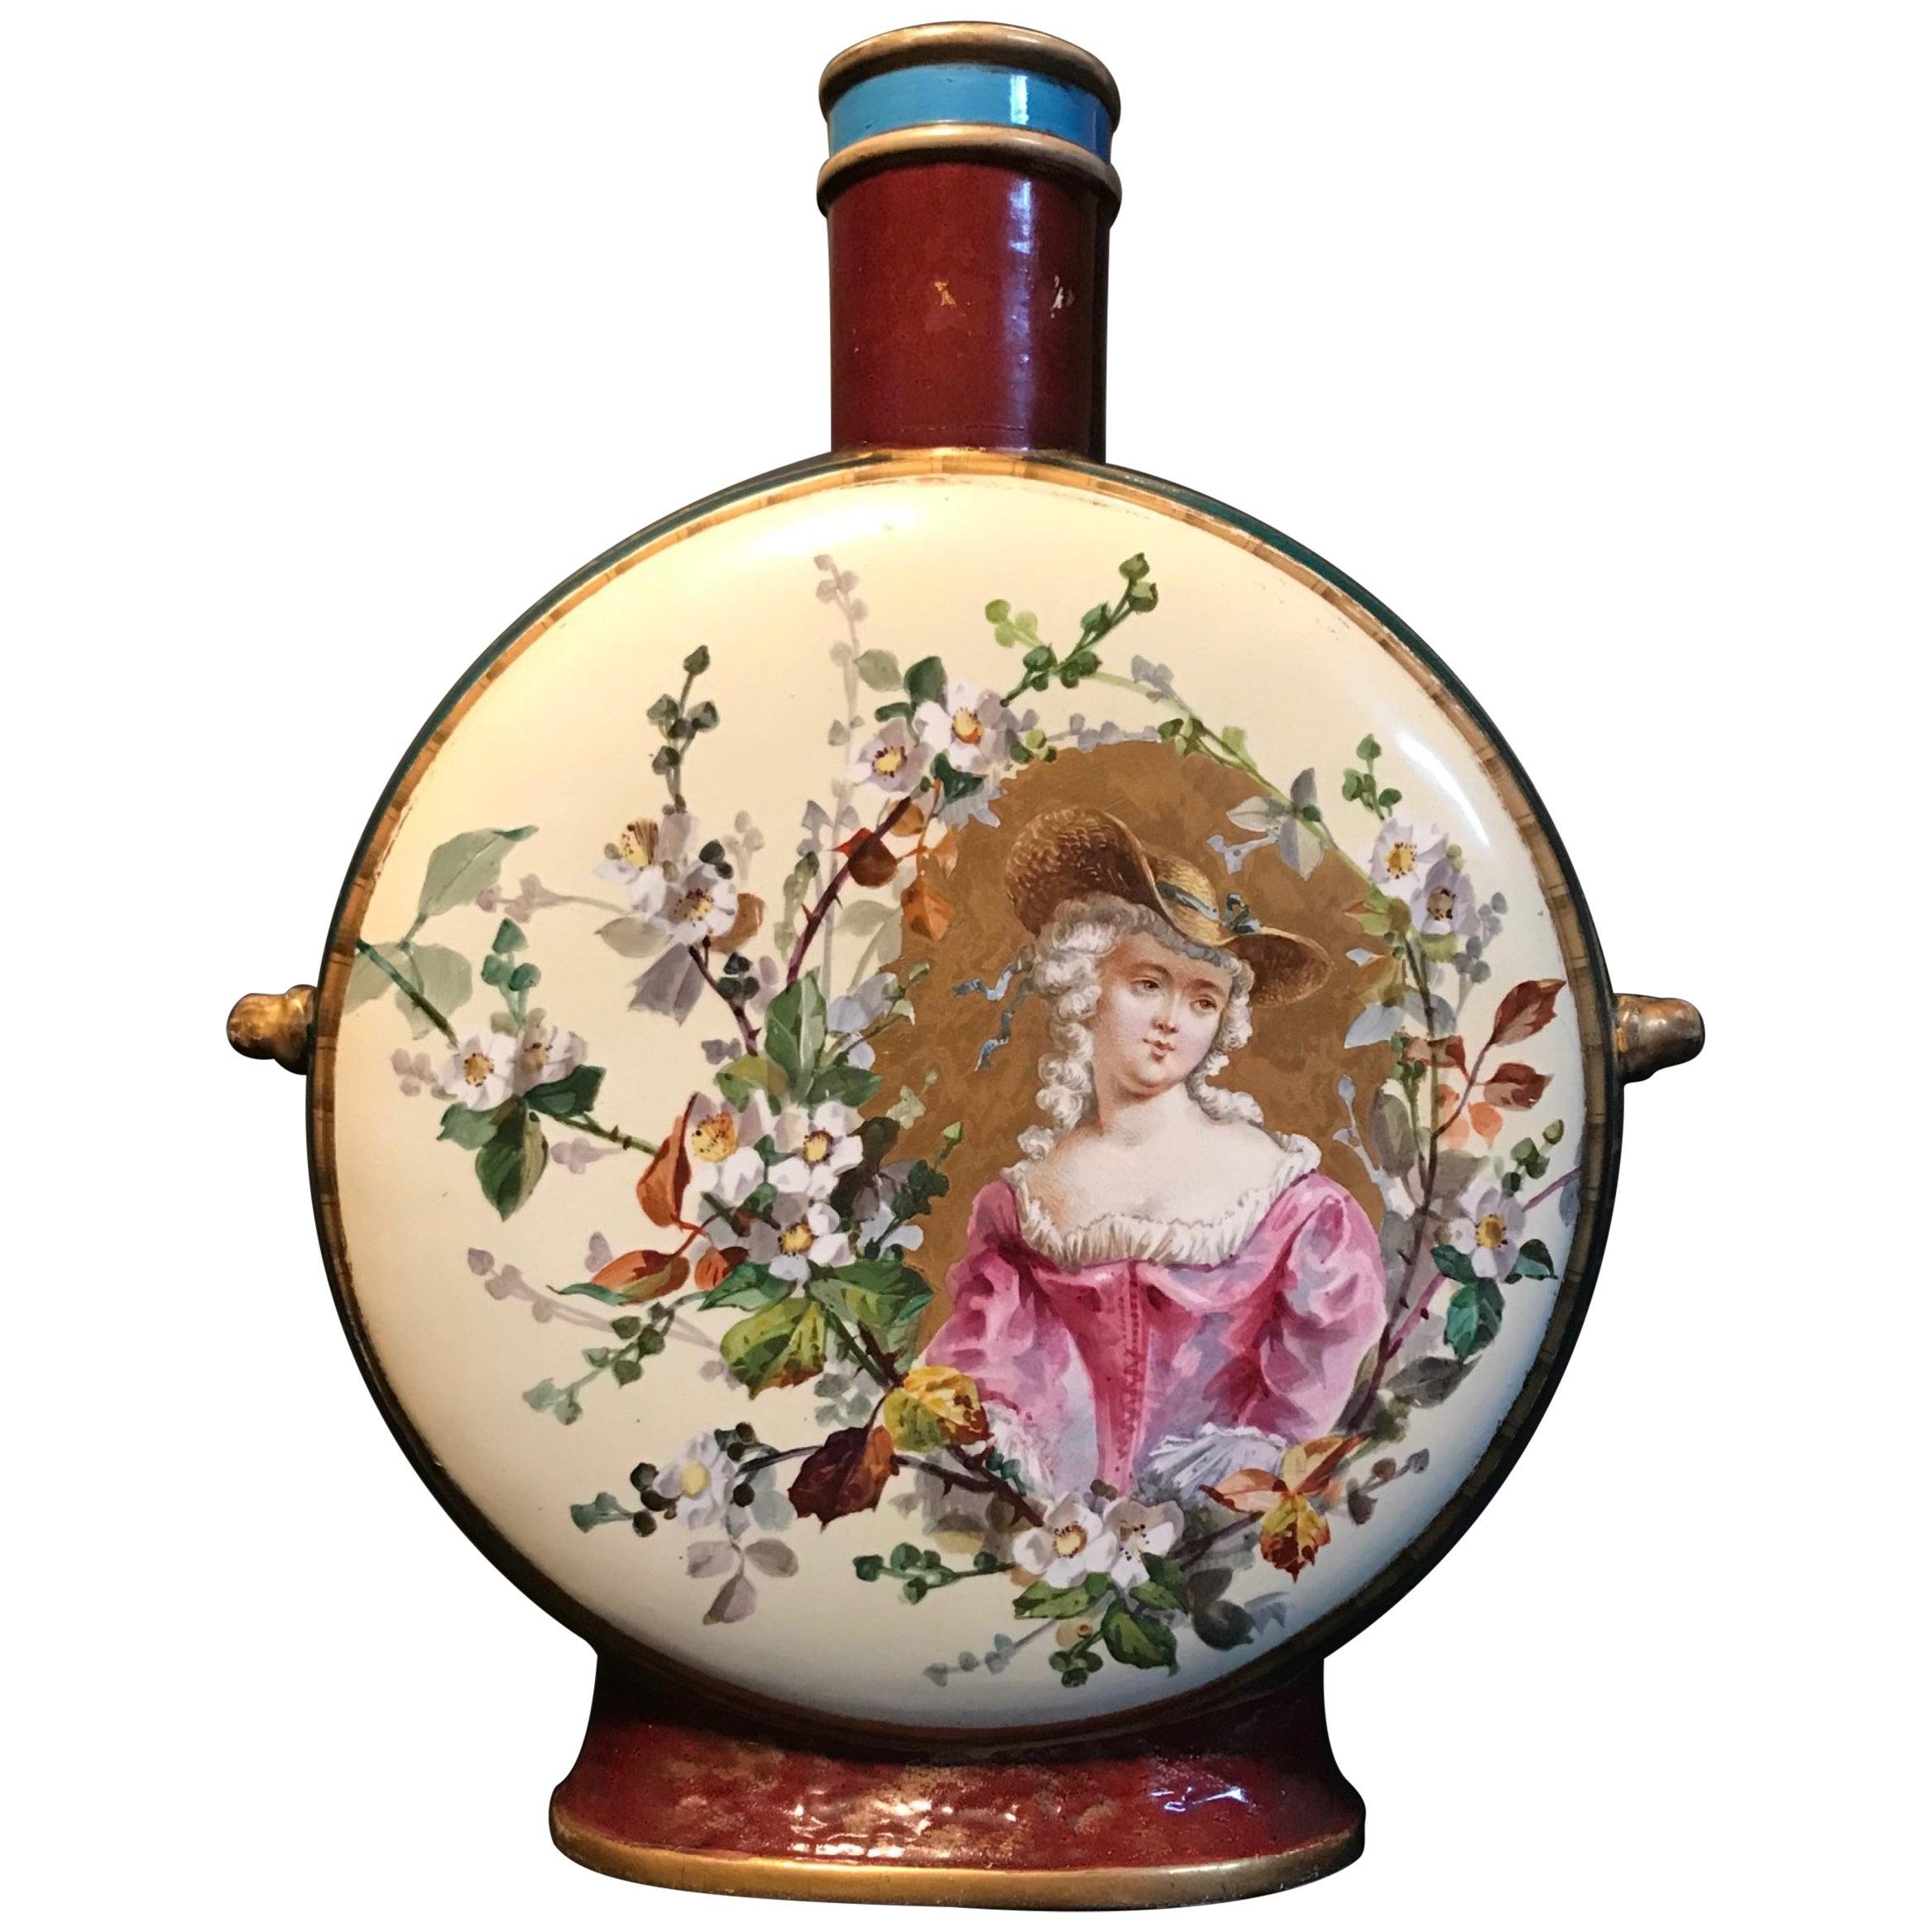 19th Century Royal Vienna Belle Époque Porcelain Moon Flask